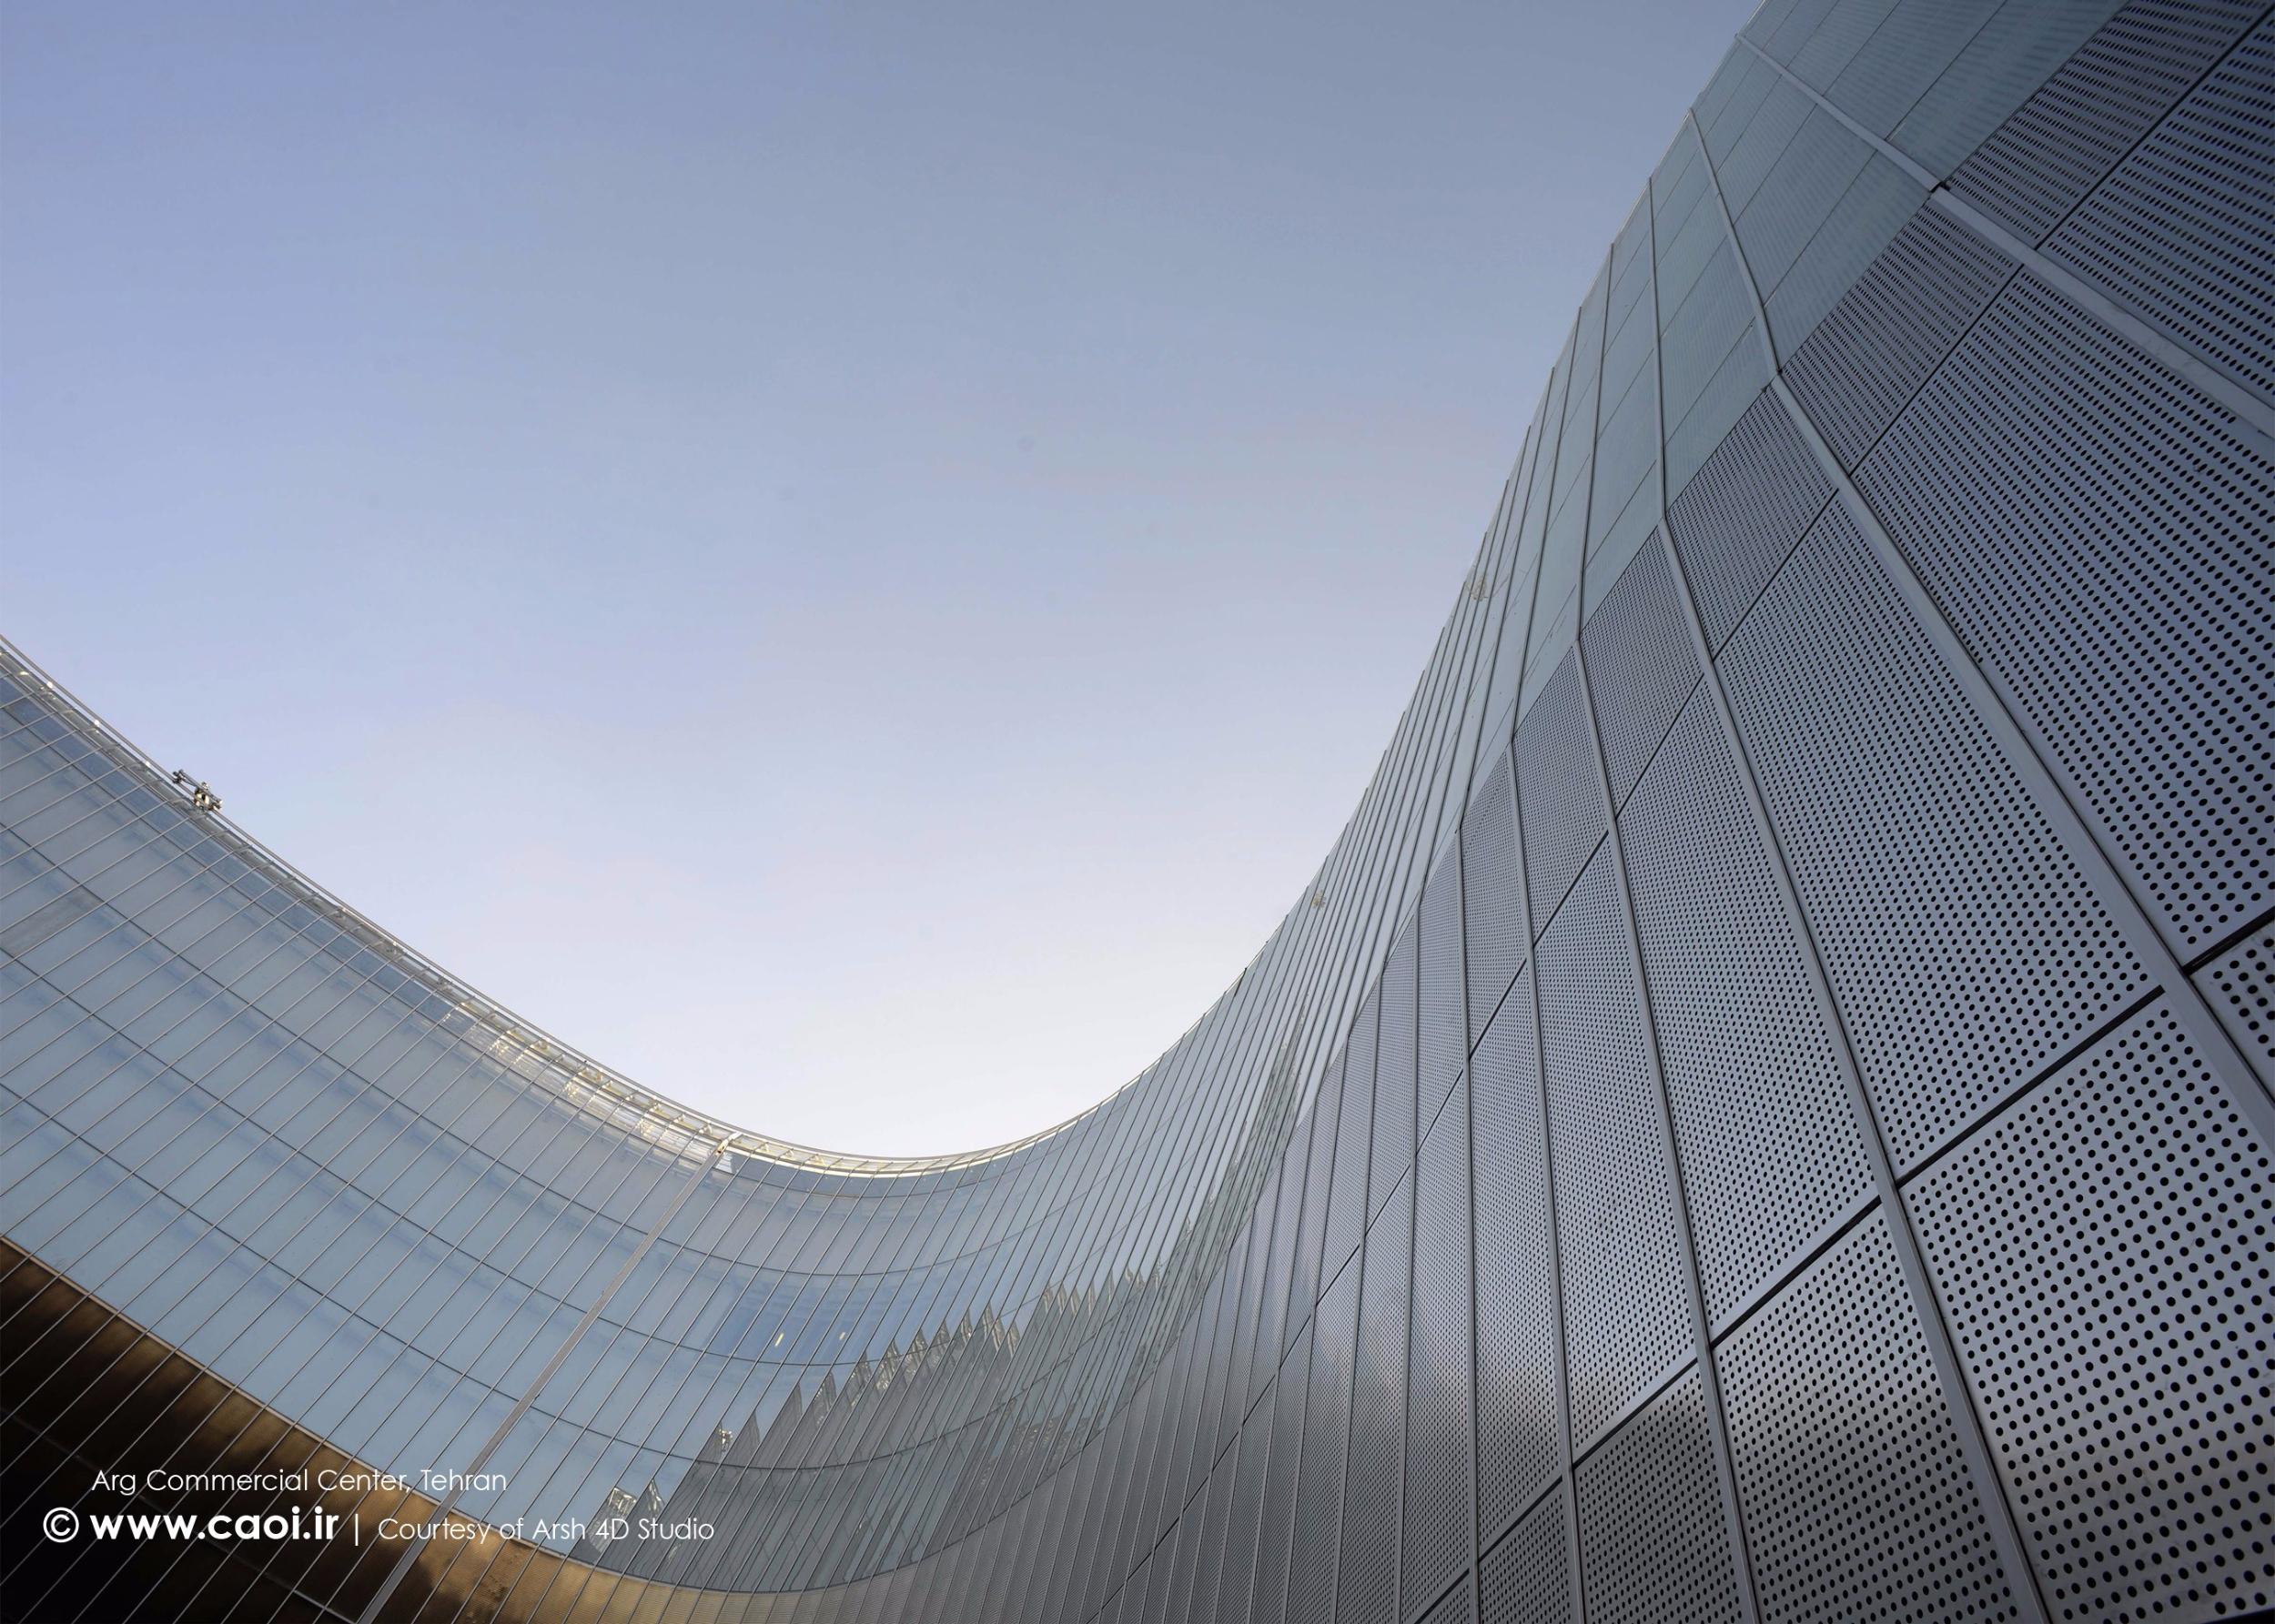 پلان های مجتمع تجاری ارگ تجریش,پارساکد,معماری,parsacad,parsacad.com,